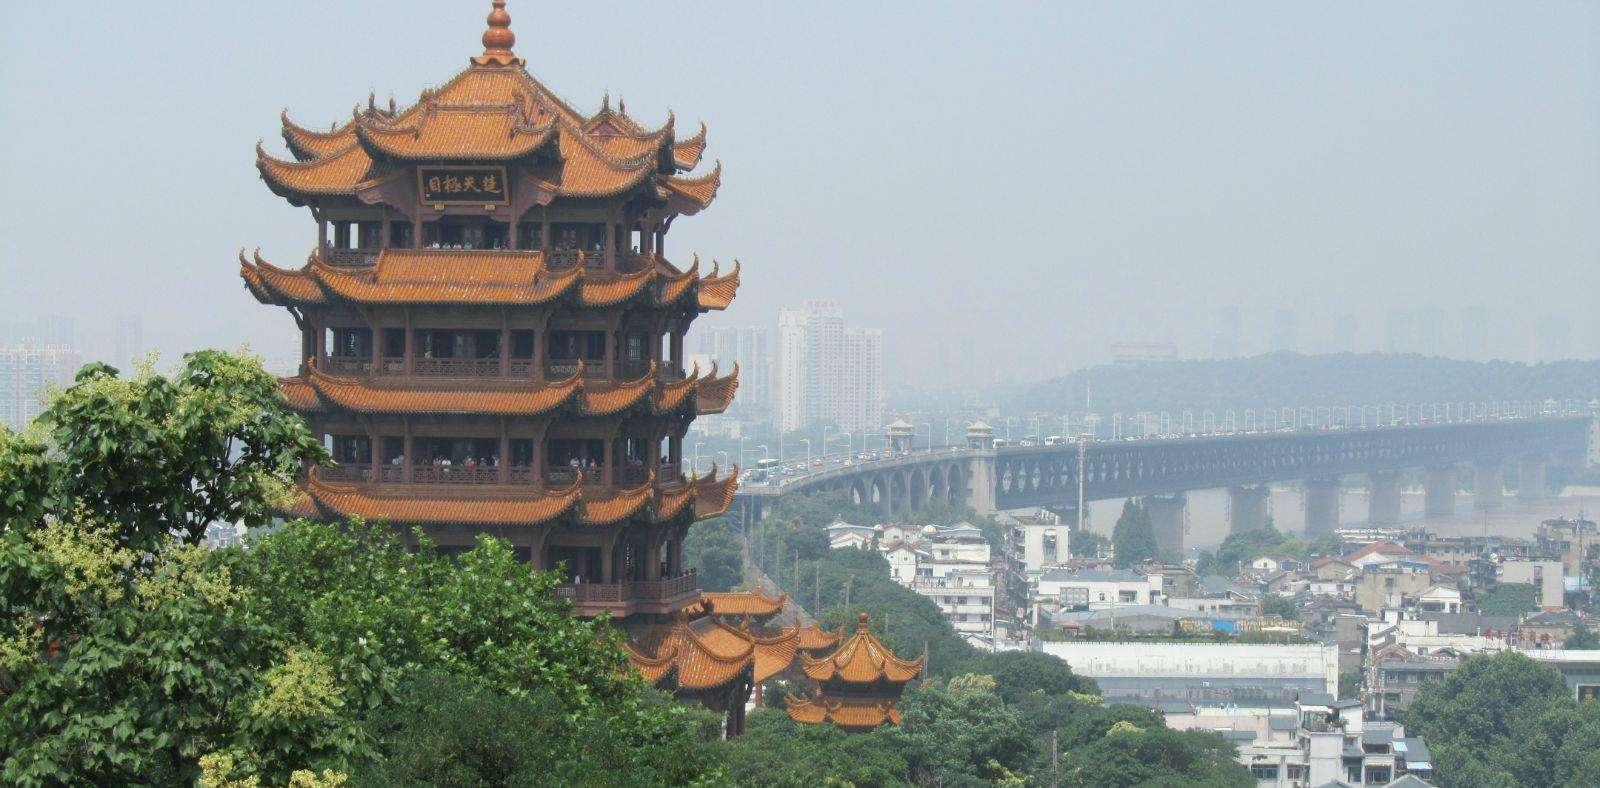 湖北一座濒临万里长江的古建筑,高51.4米,是江南三大名楼